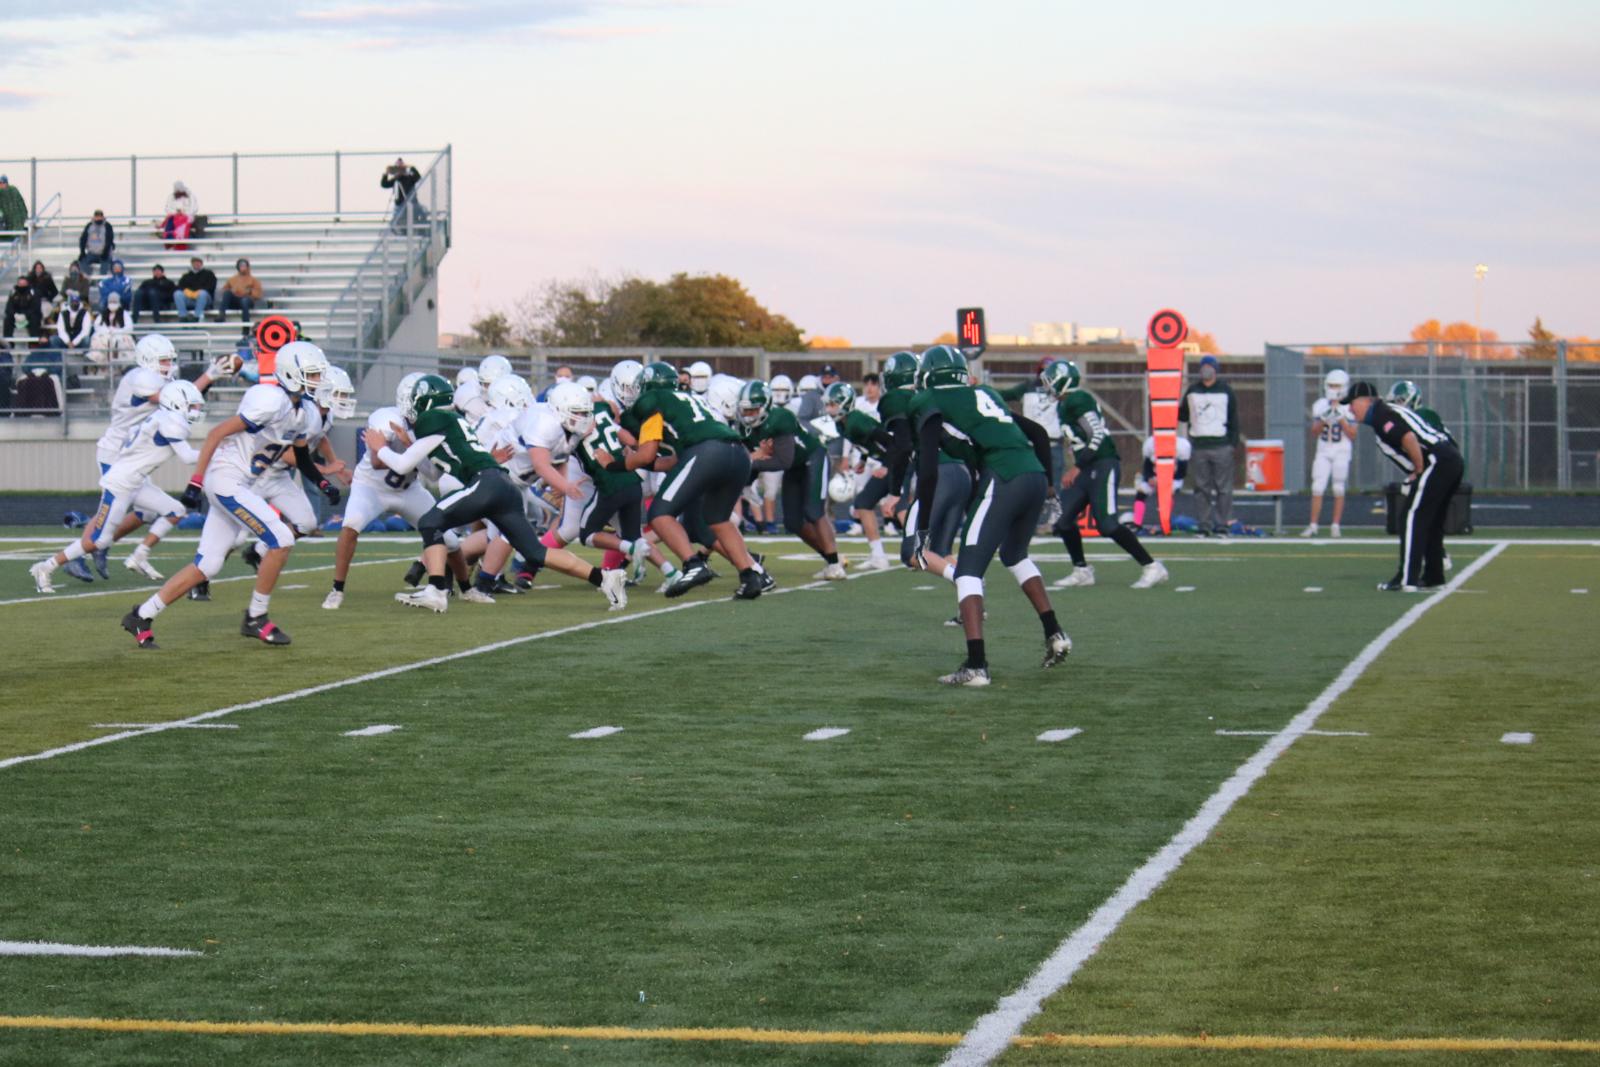 JV Football vs NB West – 10/15/20 – Photos courtesy of Cindy Lakatos